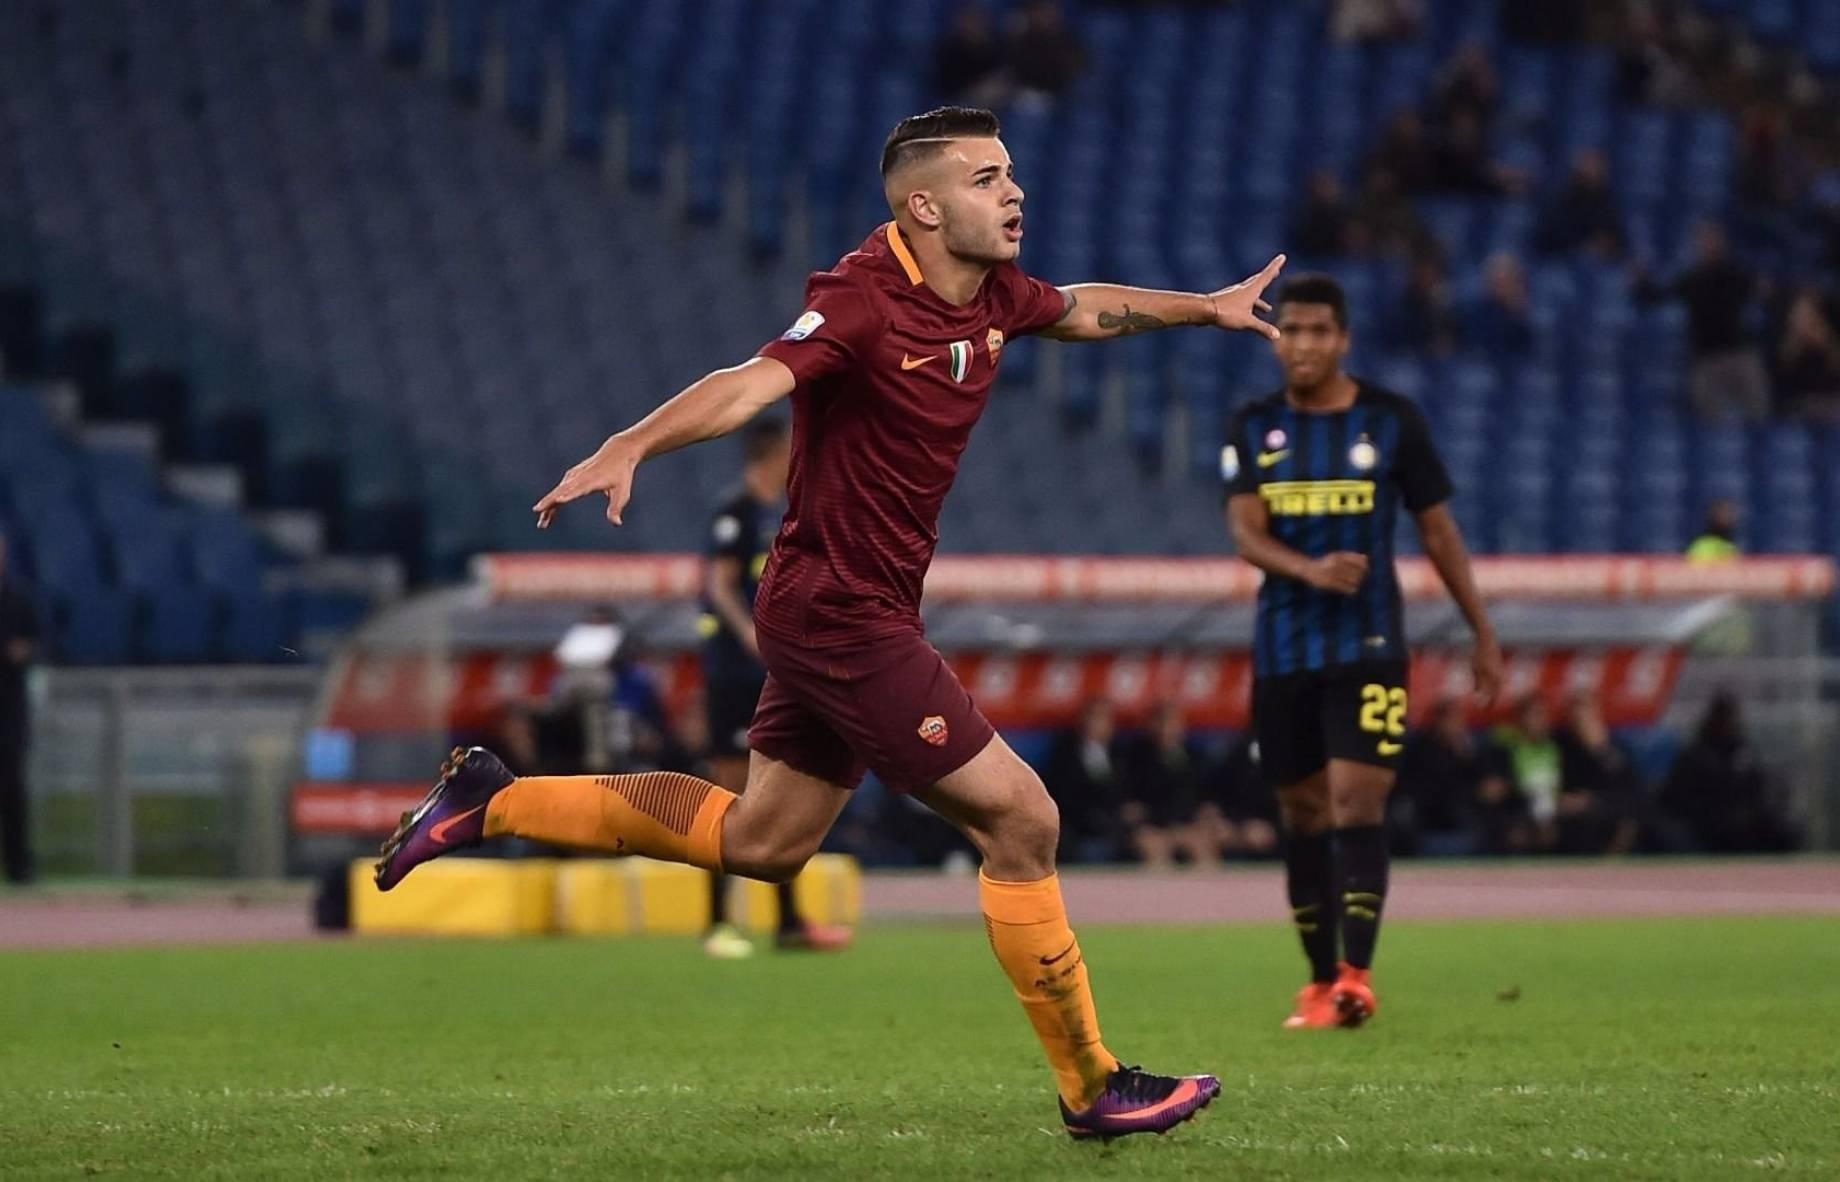 Calciomercato Roma, è fatta per Tumminello all'Atalanta: domani le visite mediche